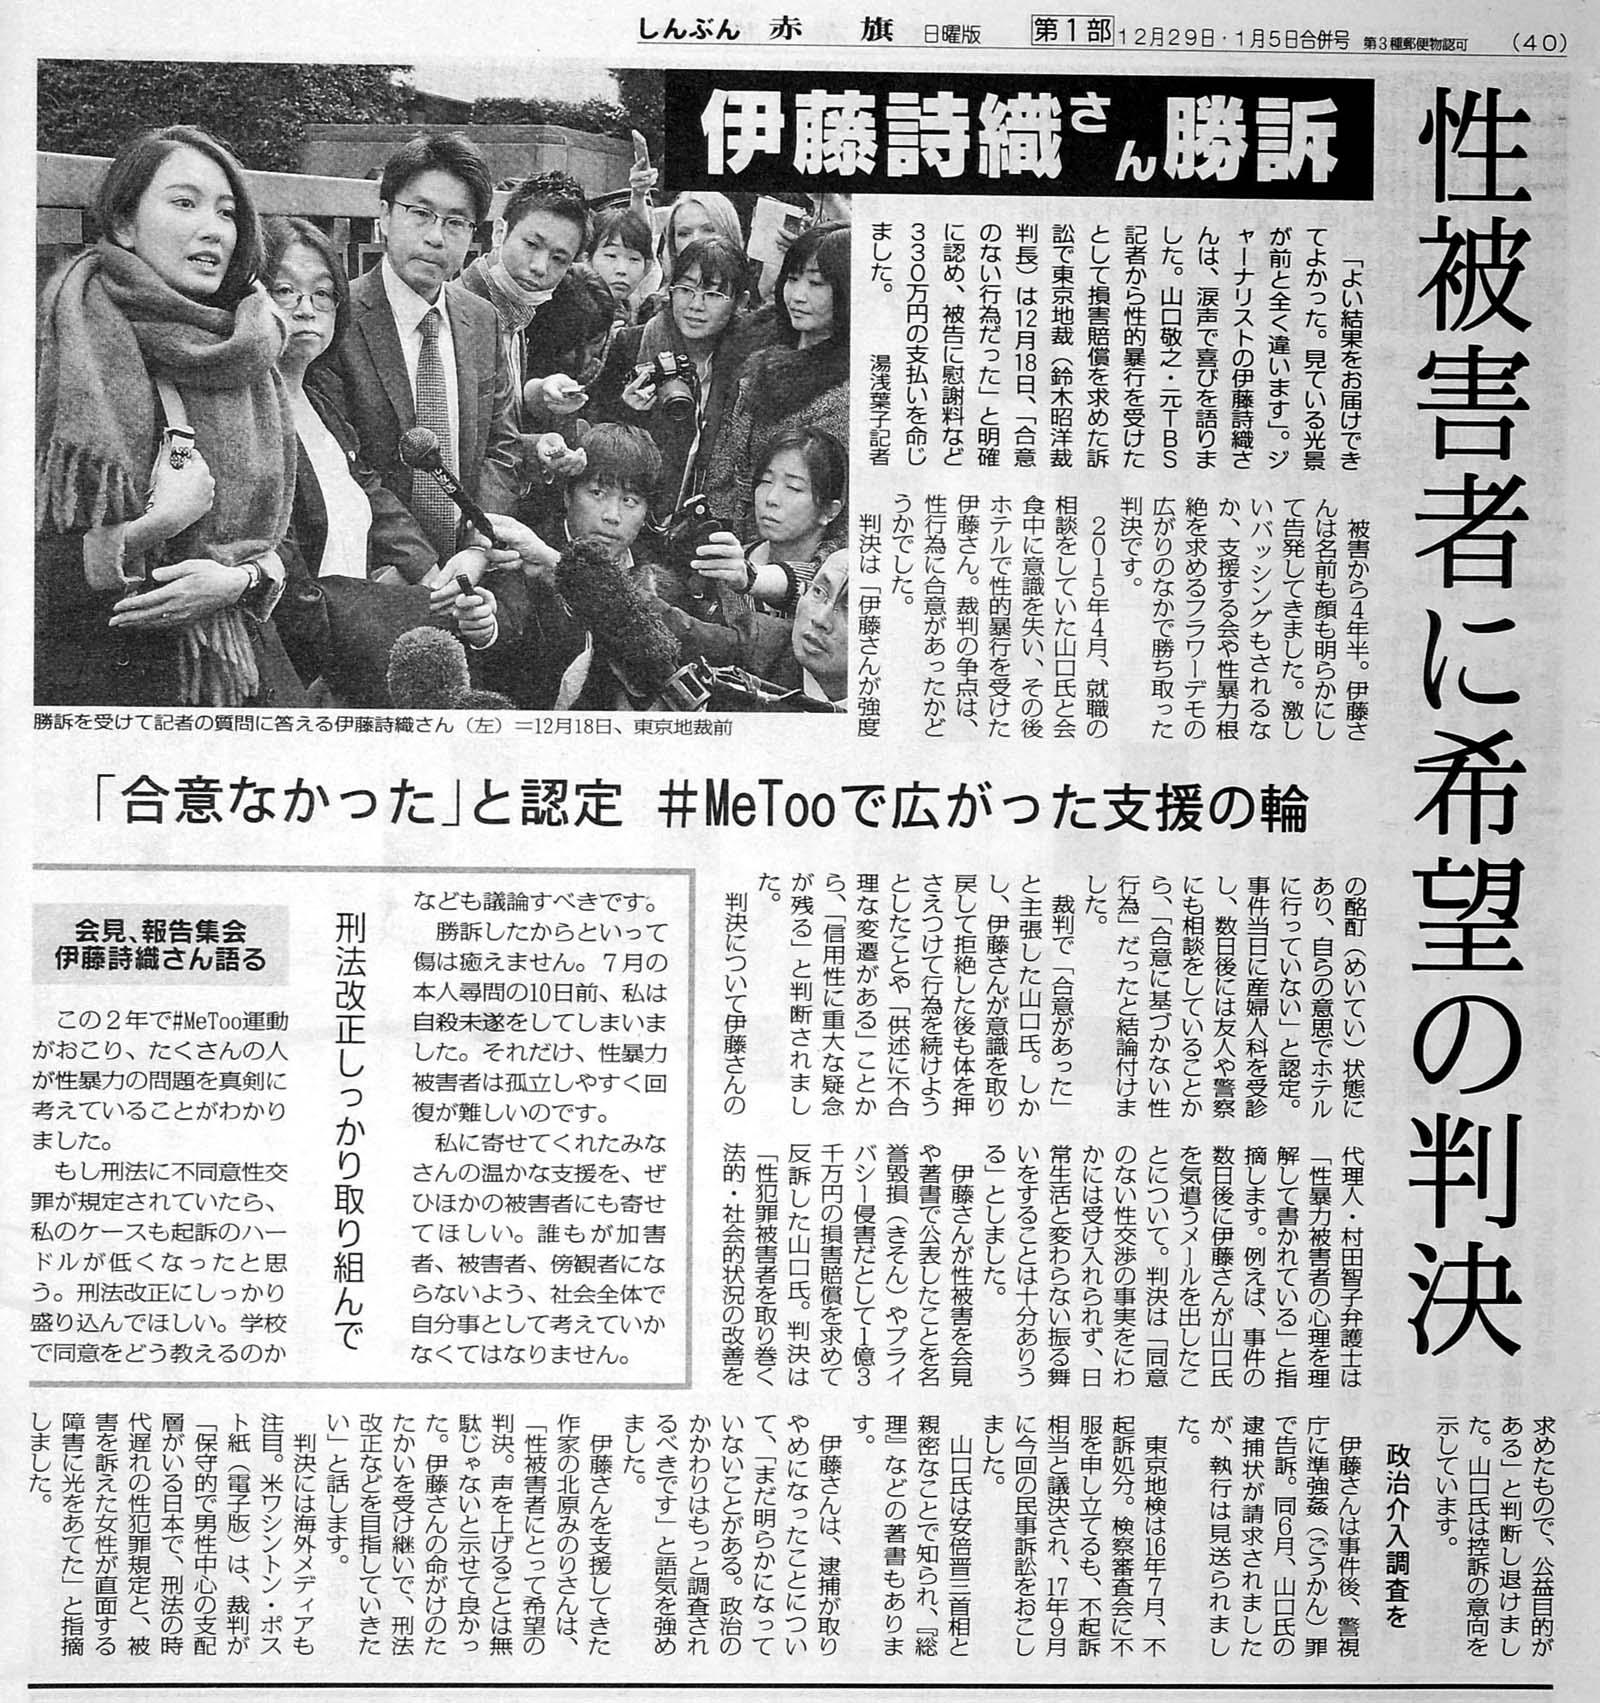 shiori191229sundayakahata1600w.jpg